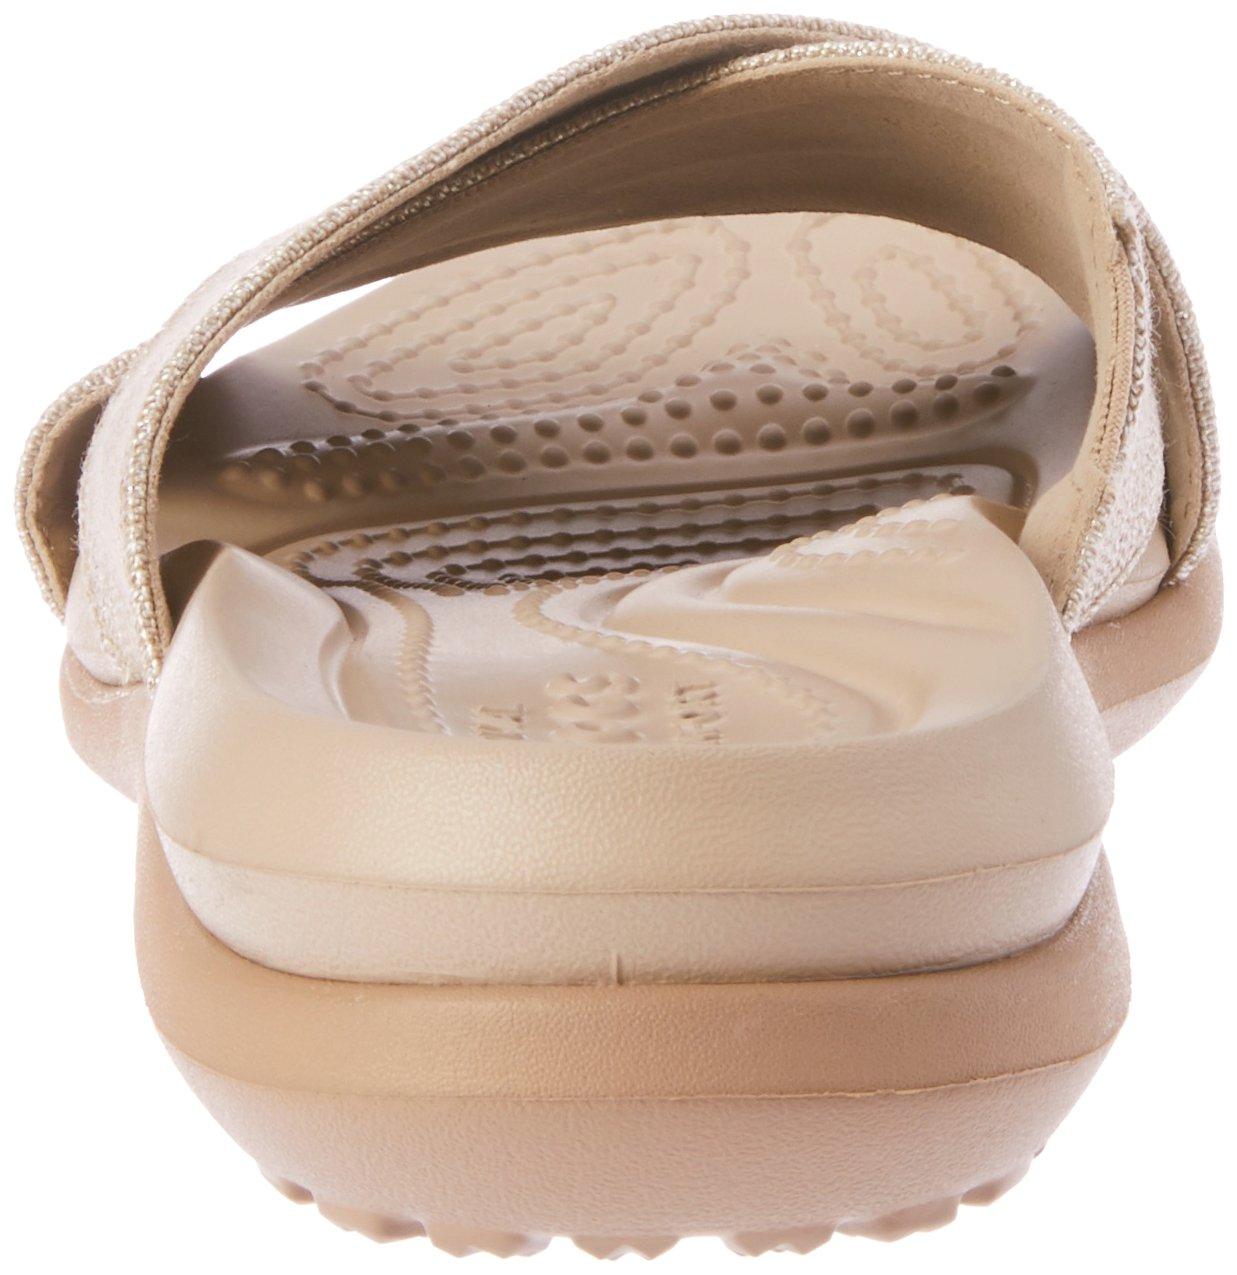 Crocs Women's Capri Shimmer Cross-Band Sandal B072JN5RMK 6 M US|Oyster/Cobblestone